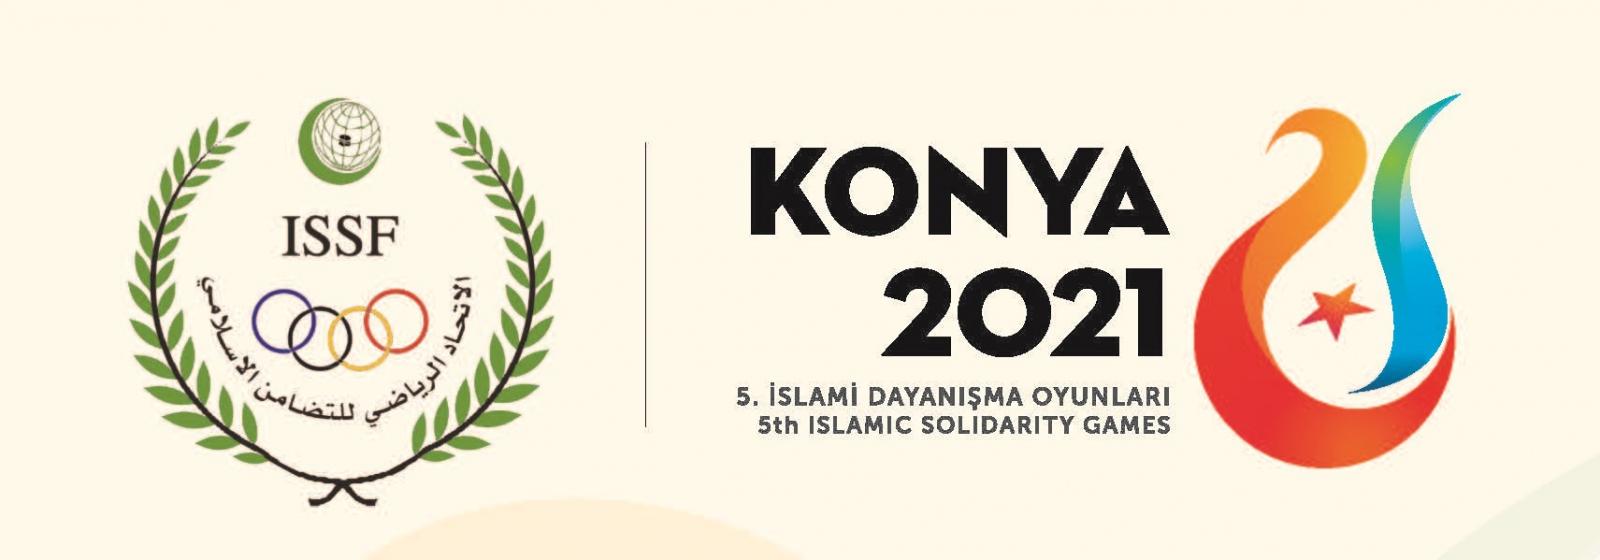 5. İslami Dayanışma Oyunları Ertelendi